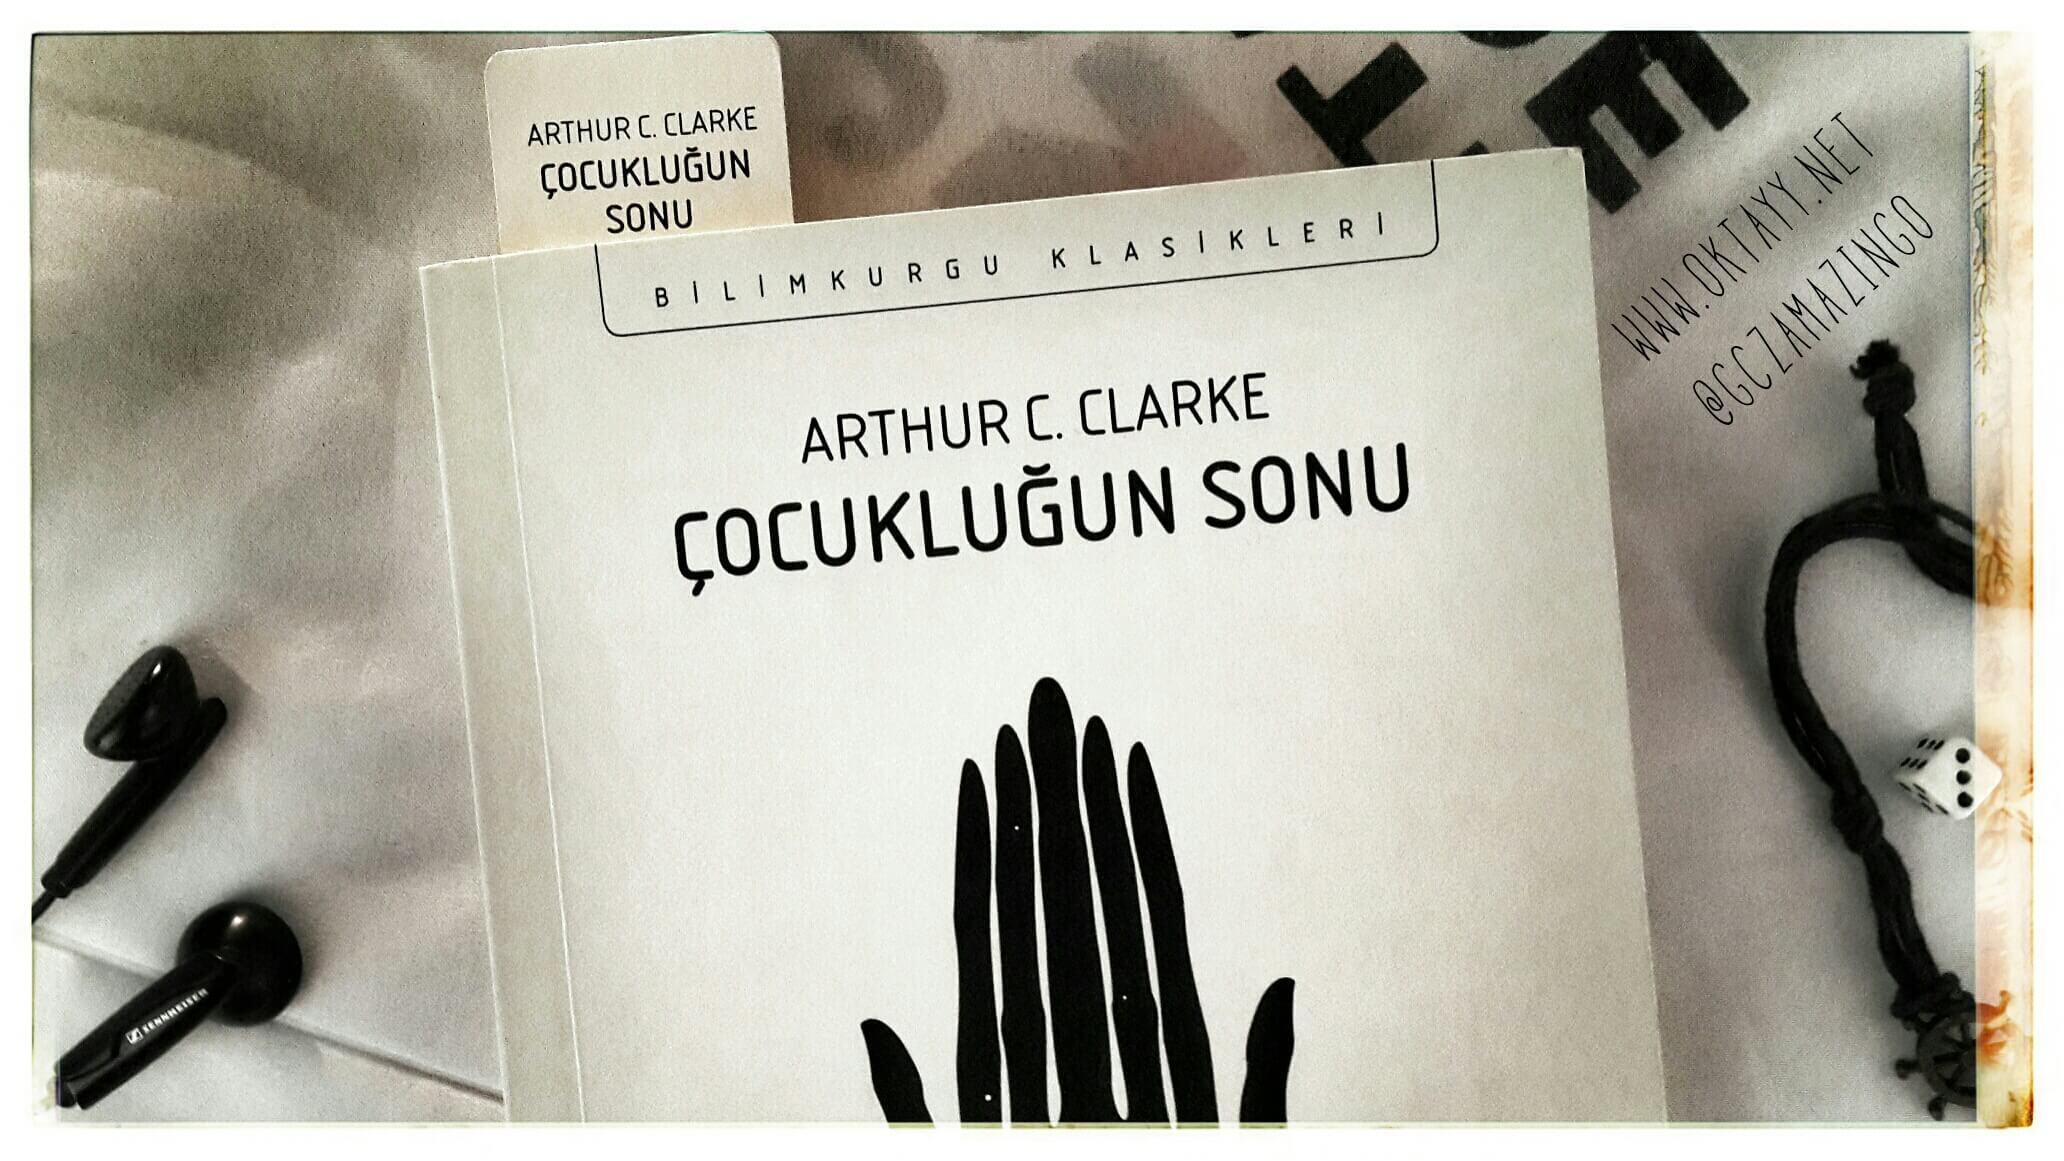 Çocukluğun Sonu - Arthur C. Clarke